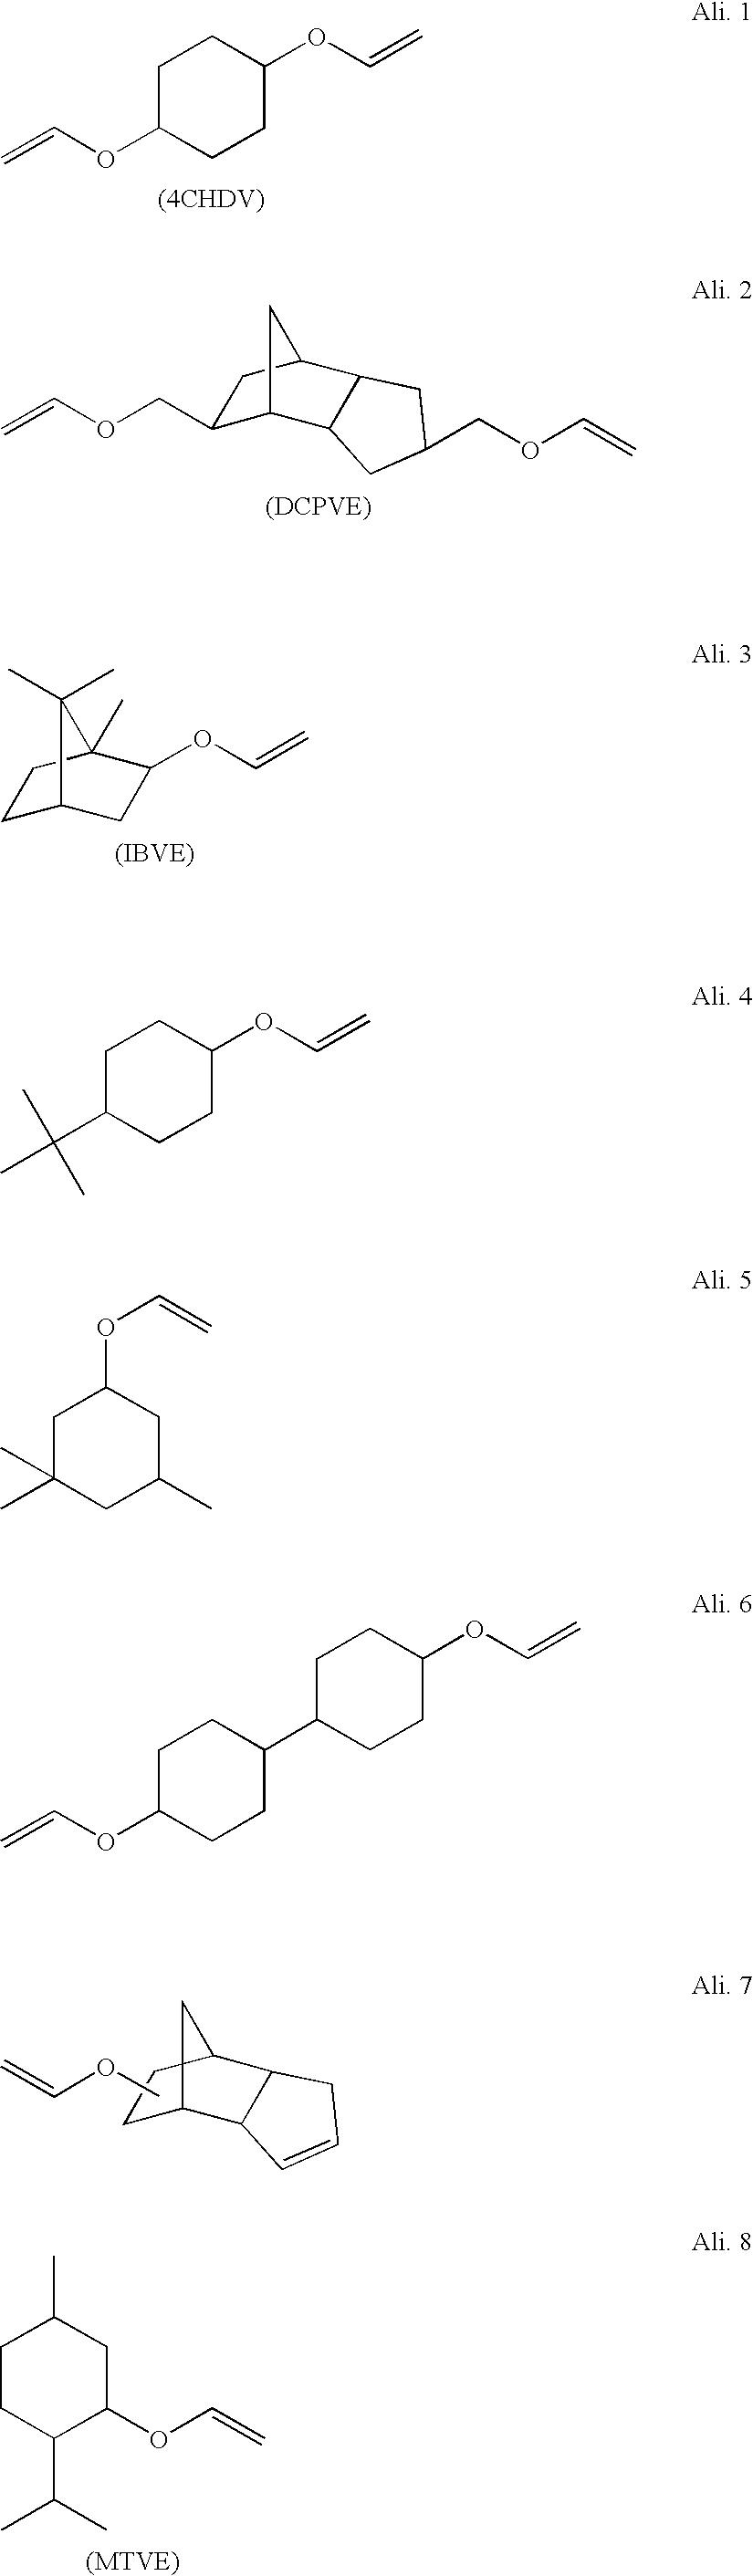 Figure US20100026771A1-20100204-C00007